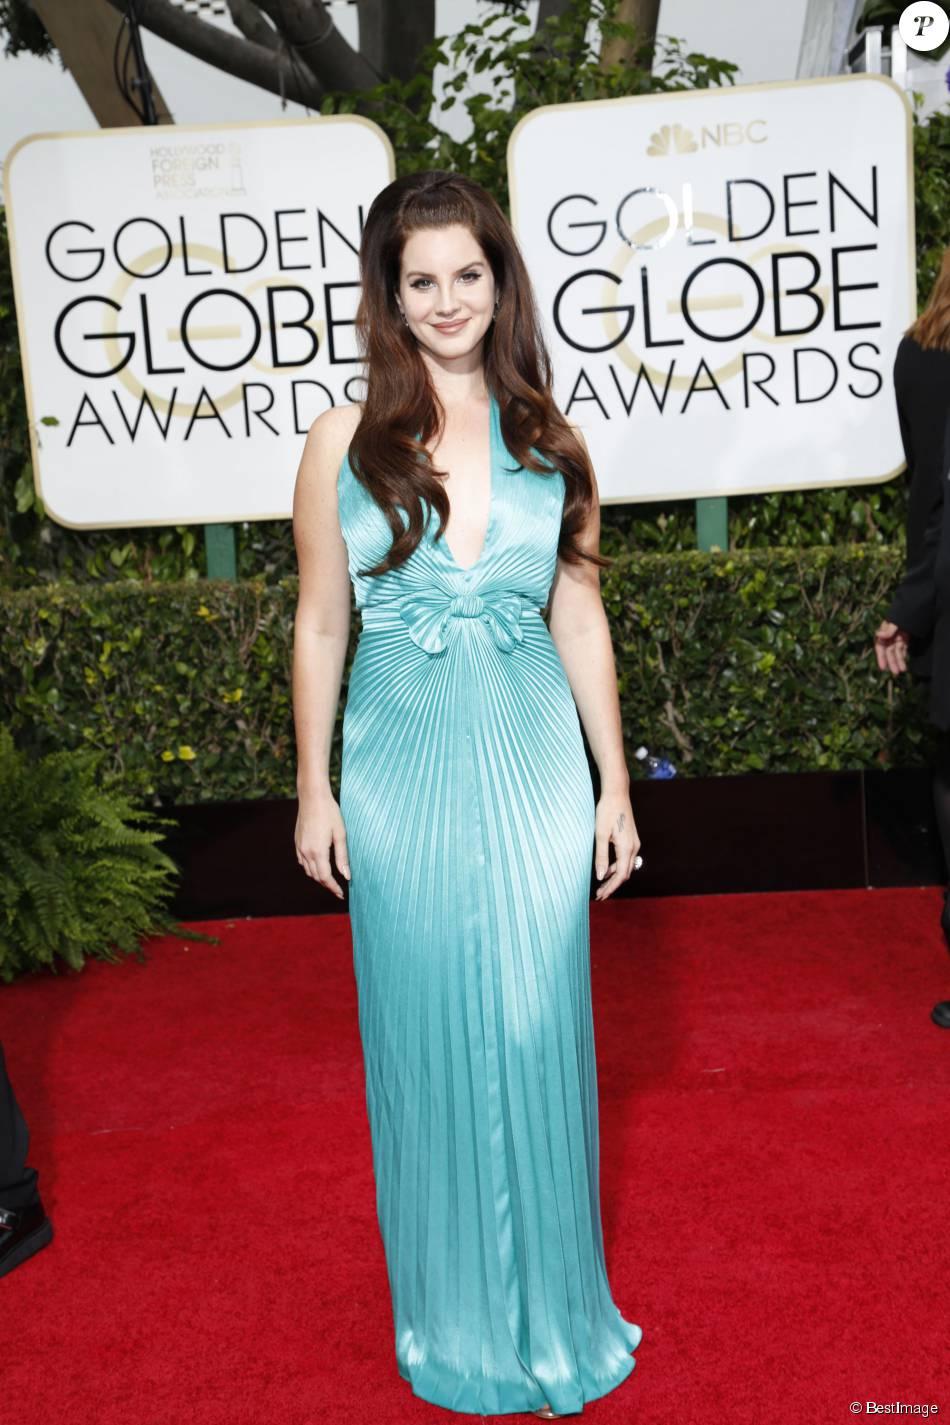 Lana del Rey - La 72ème cérémonie annuelle des Golden Globe Awards à Beverly Hills, le 11 janvier 2015